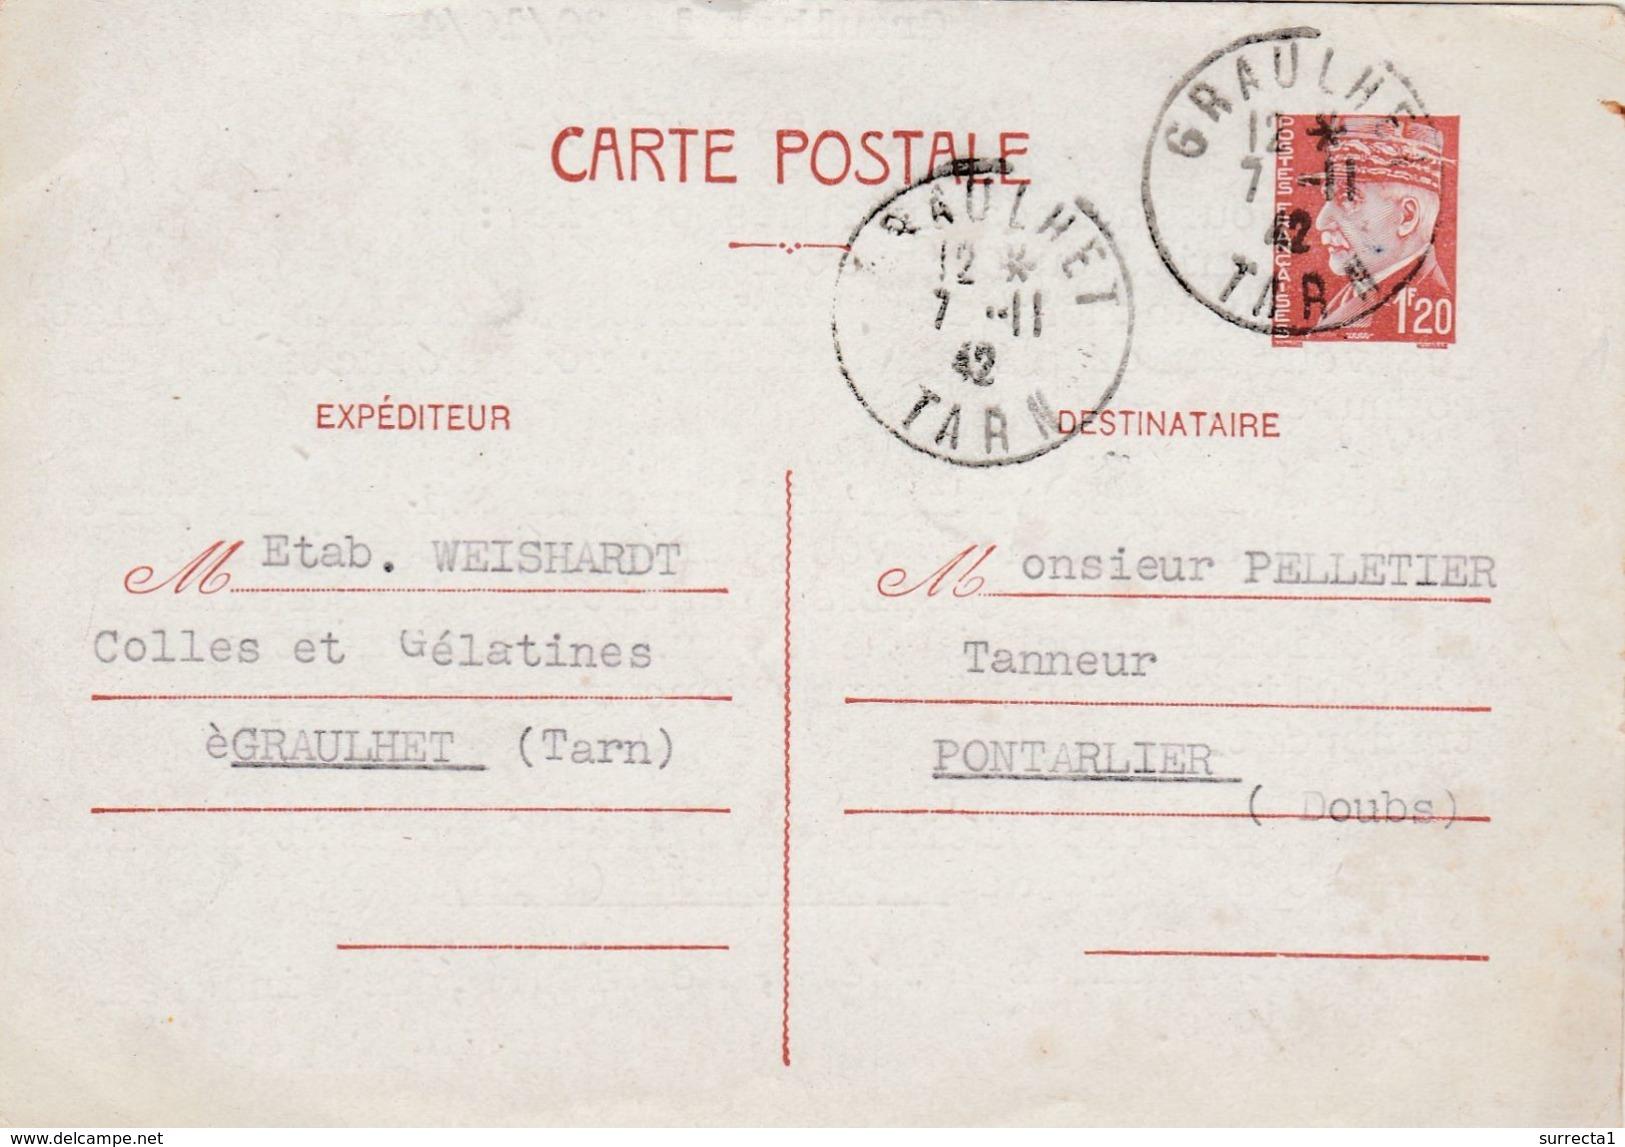 Carte Commerciale 1942 / Entier Pétain 1 F 20 / Ets WEISHARDT / Colles Et Gélatoines / 81 Graulhet  Tarn - Cartes